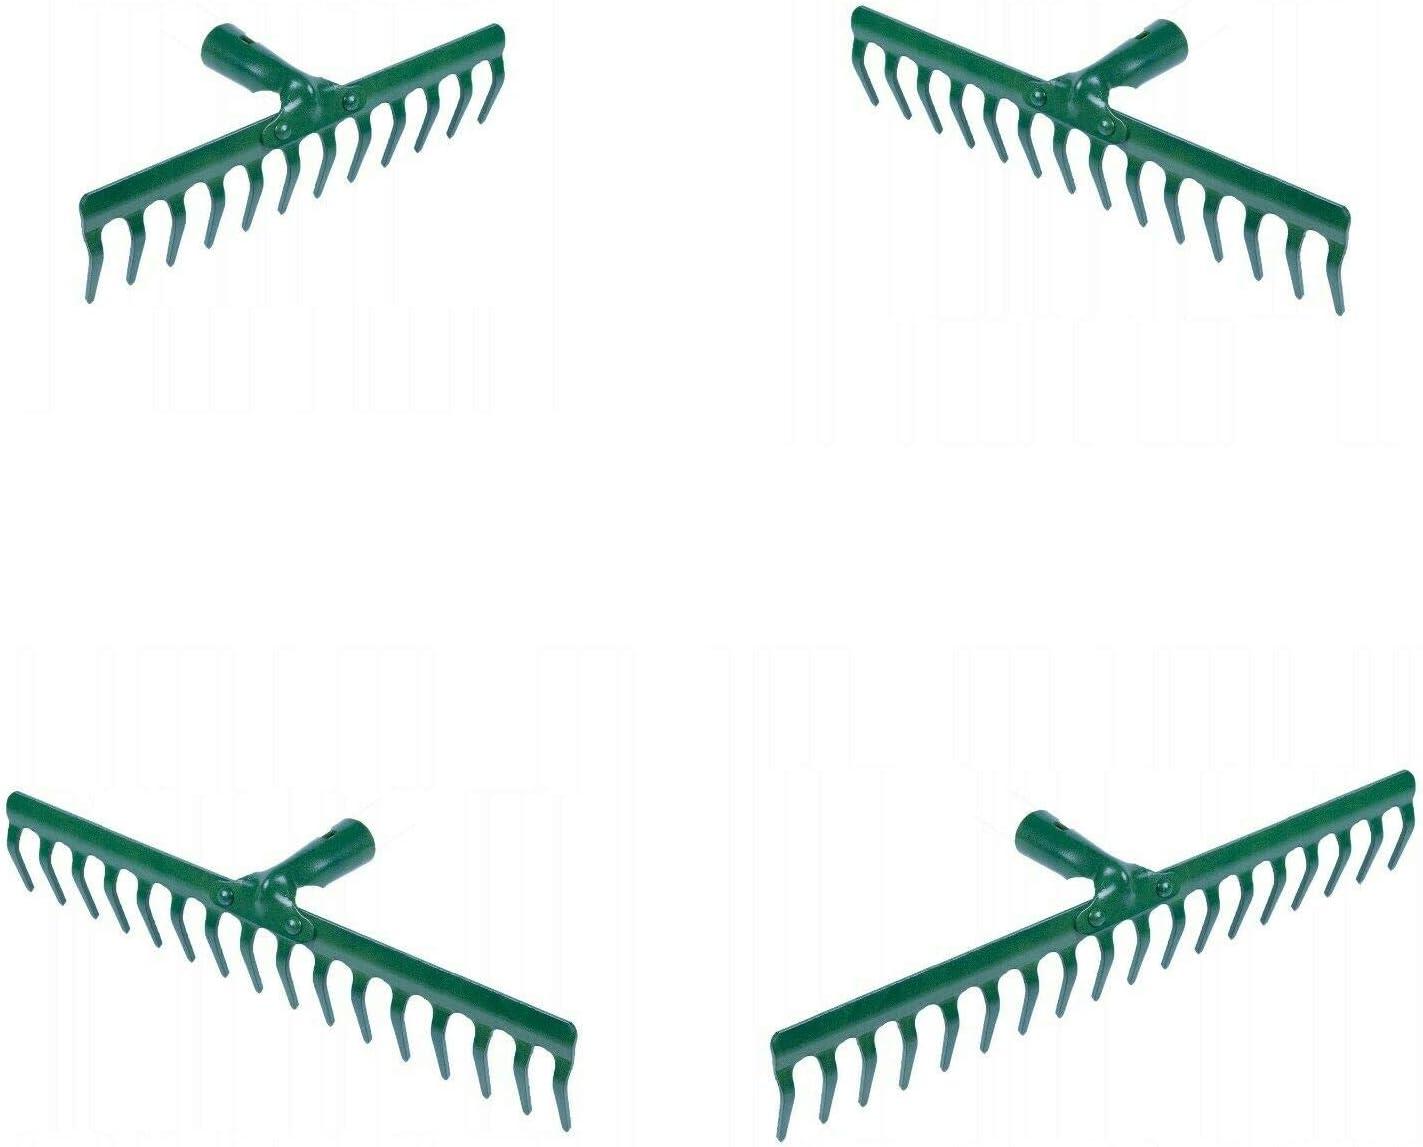 39 cm 14 Tooth Teeth Replacement Rake Head Garden Lawn Leaf Leaves Metal